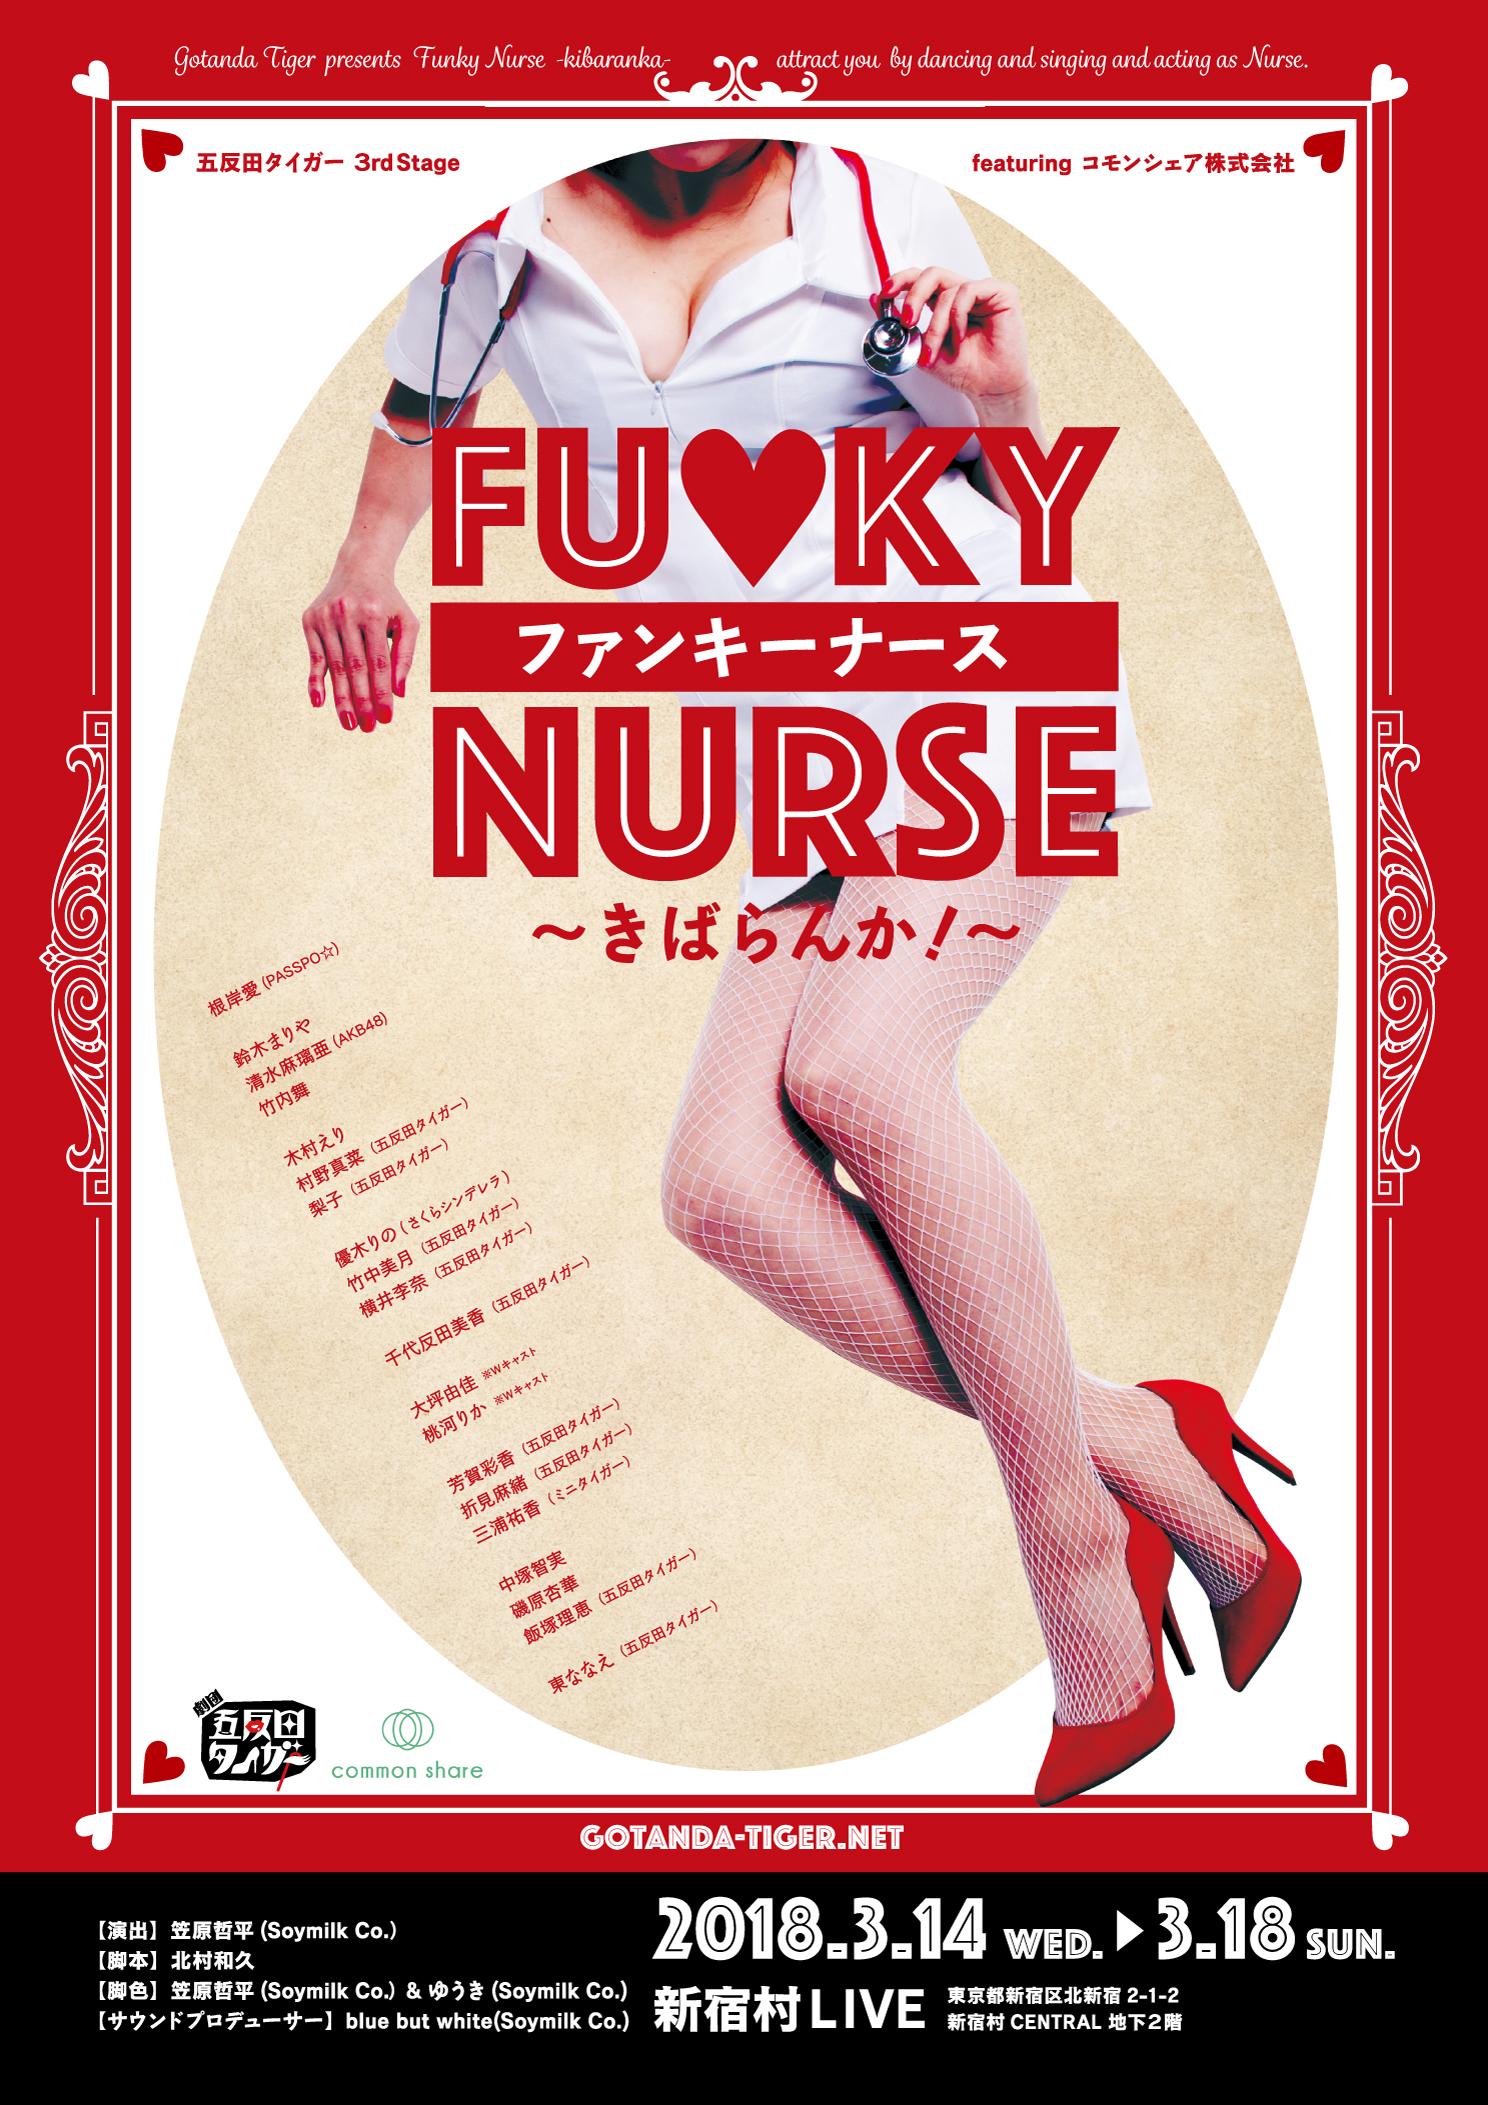 Funkyナース〜きばらんか!〜